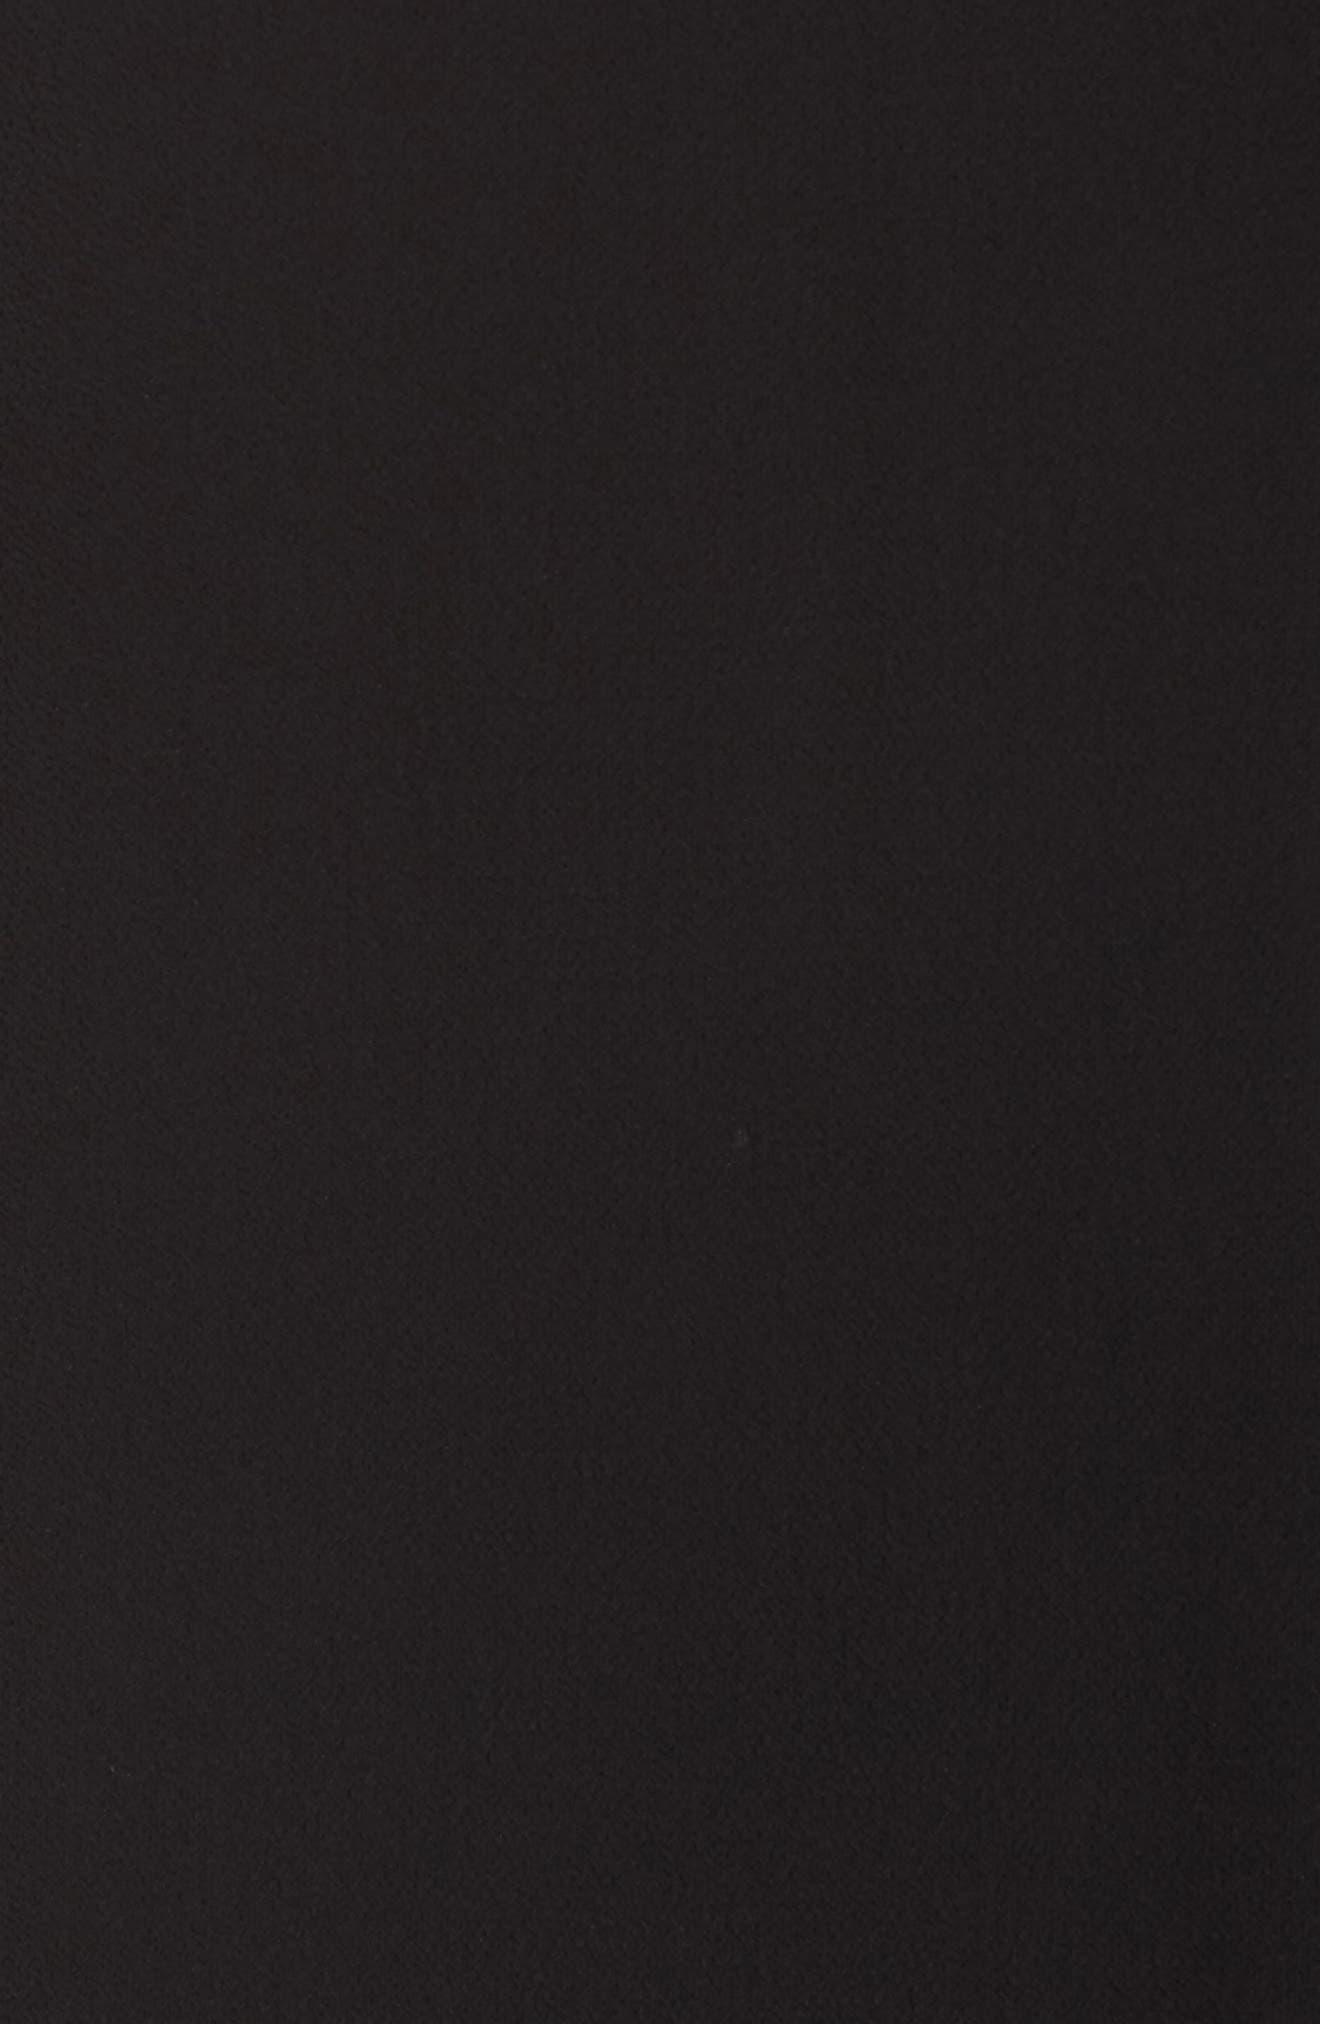 VINCE CAMUTO, Soft Texture Split Neck Tunic, Alternate thumbnail 5, color, RICH BLACK